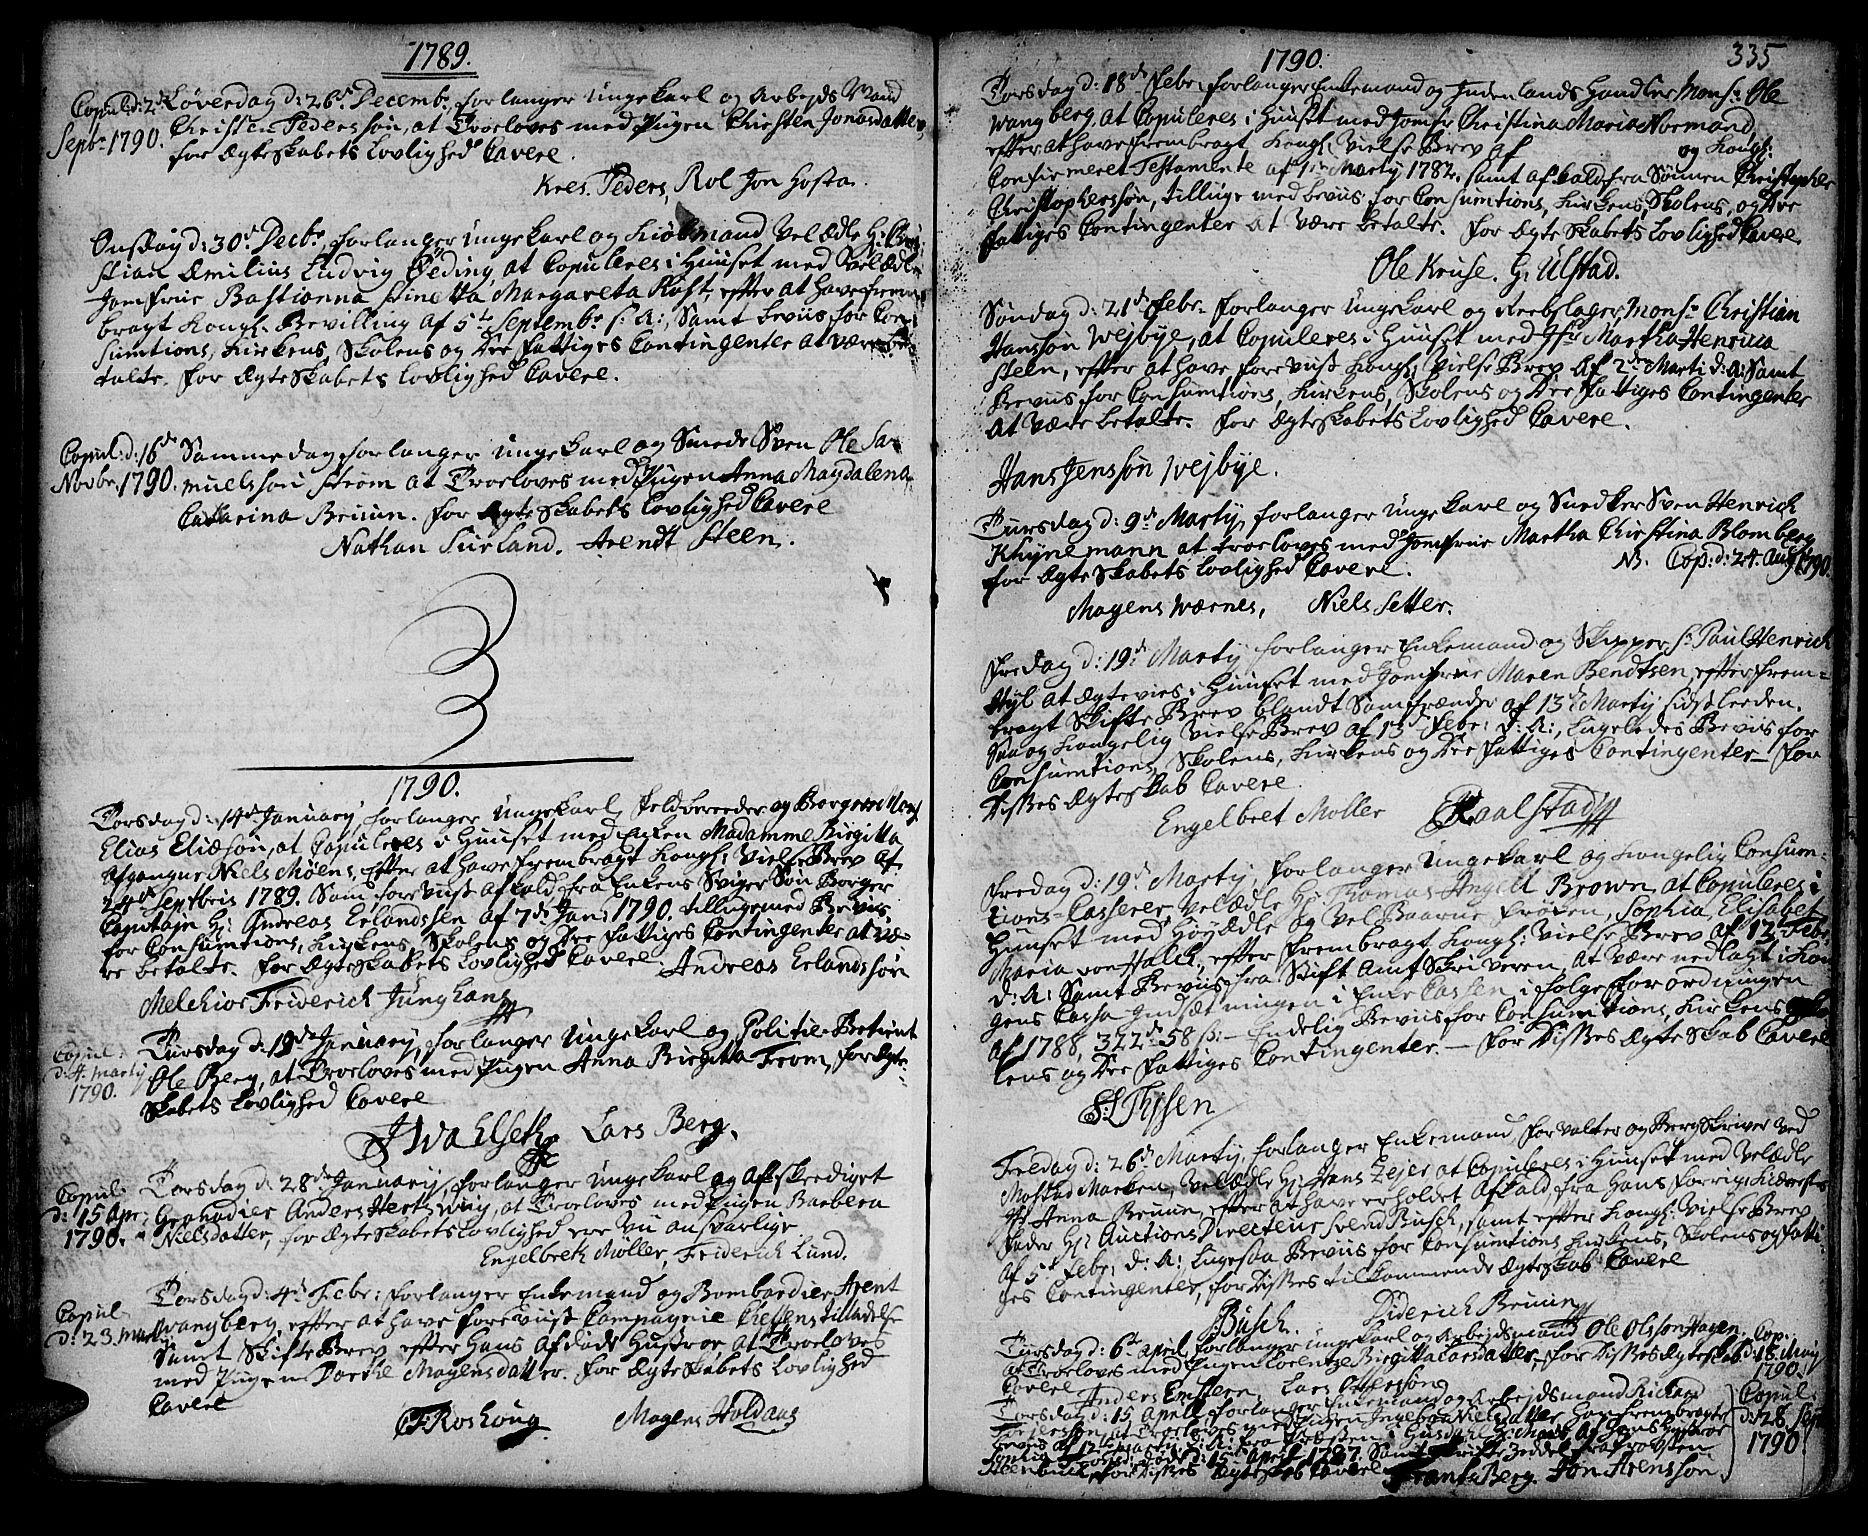 SAT, Ministerialprotokoller, klokkerbøker og fødselsregistre - Sør-Trøndelag, 601/L0038: Ministerialbok nr. 601A06, 1766-1877, s. 335